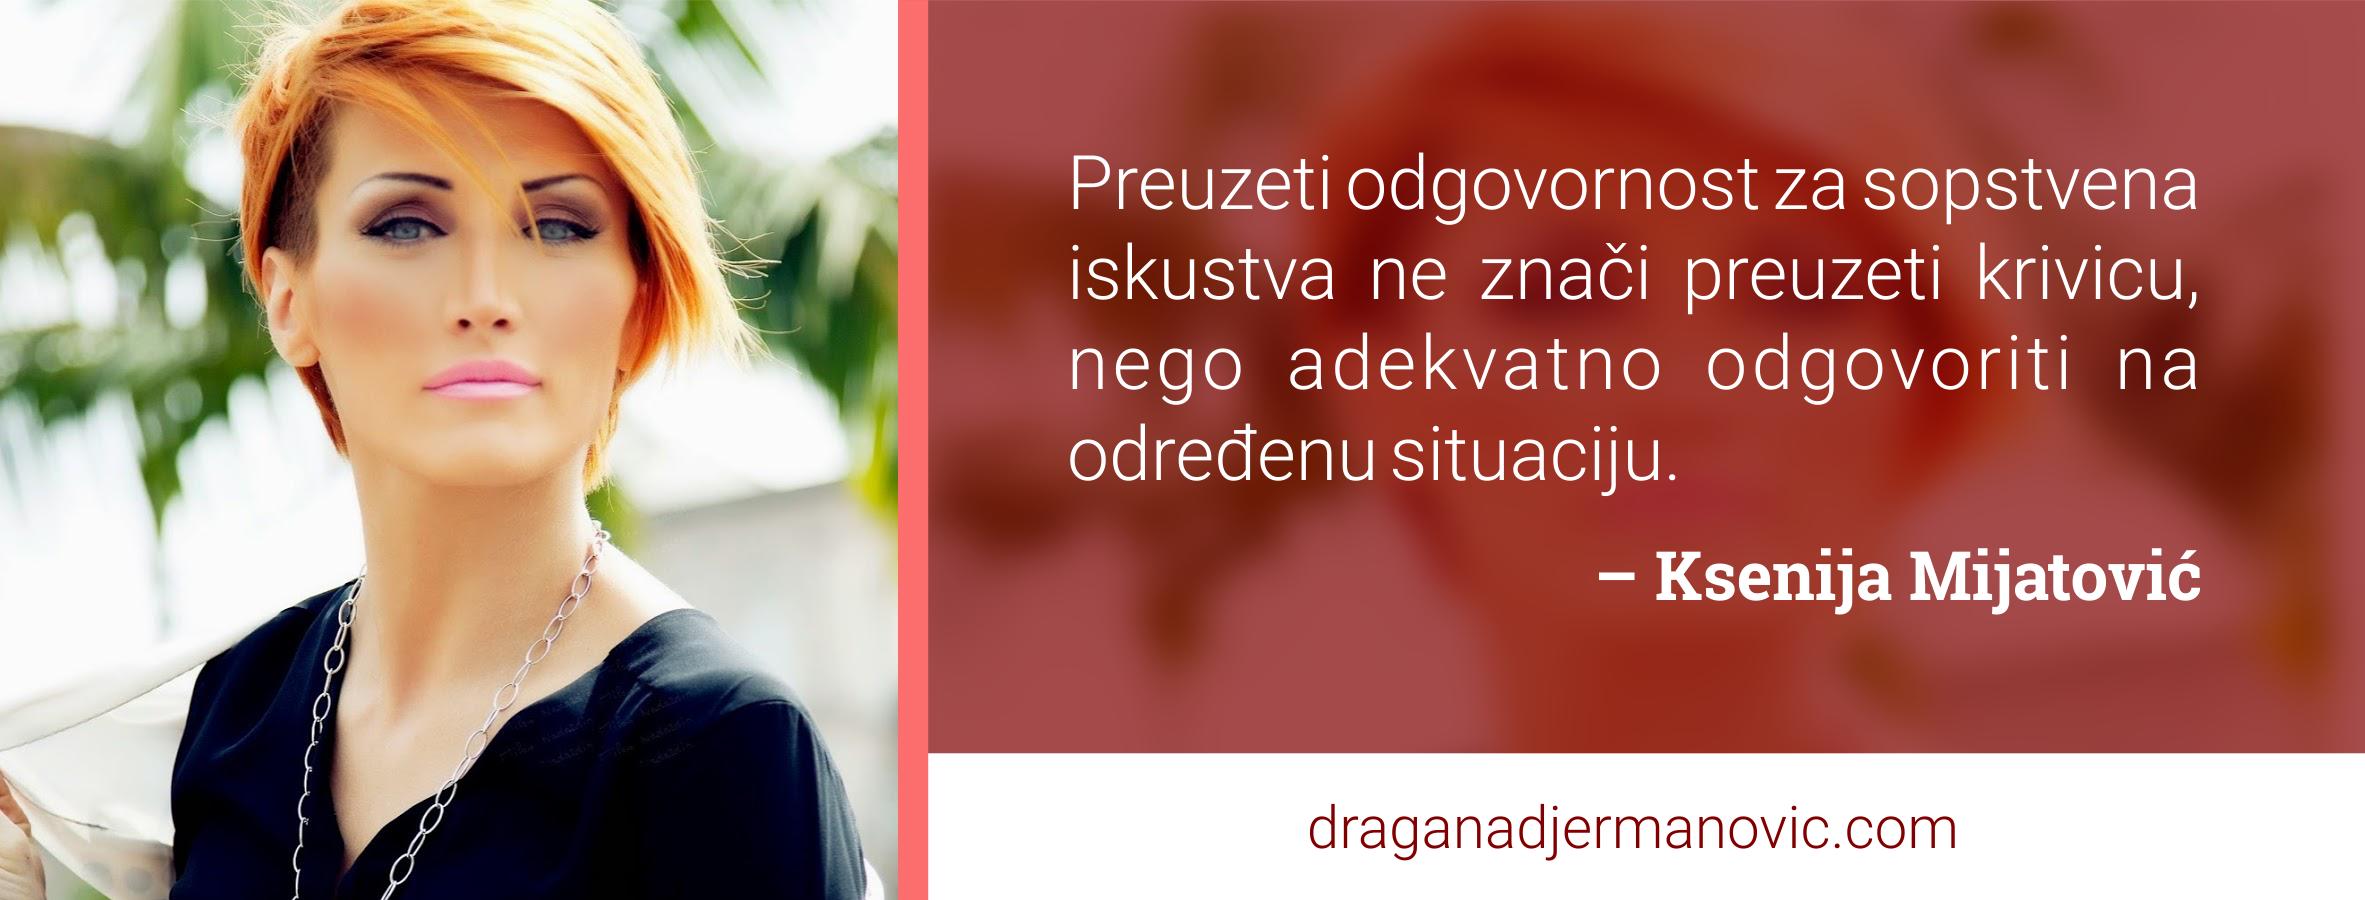 Ksenija Mijatović o odgovornosti